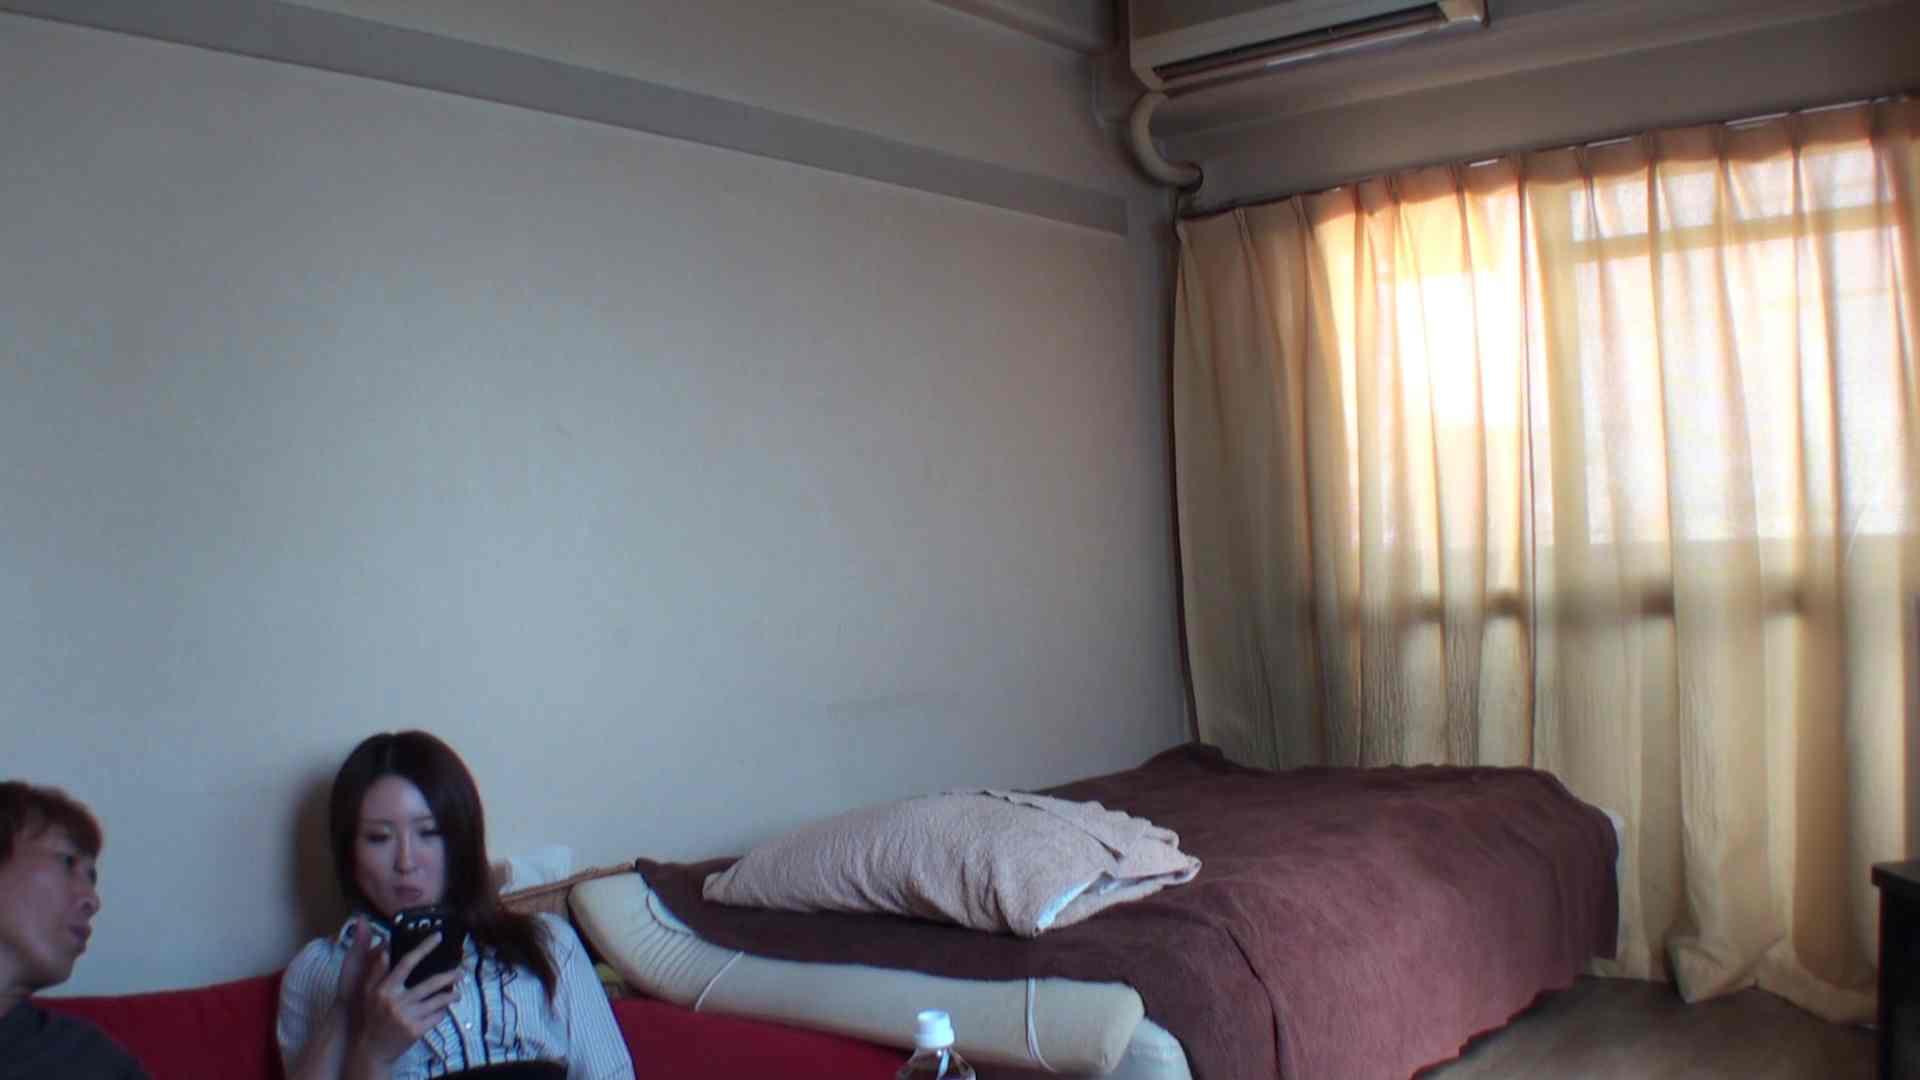 巨乳 乳首:隠撮店の女の子をつまみ喰い~yukivol.4:大奥